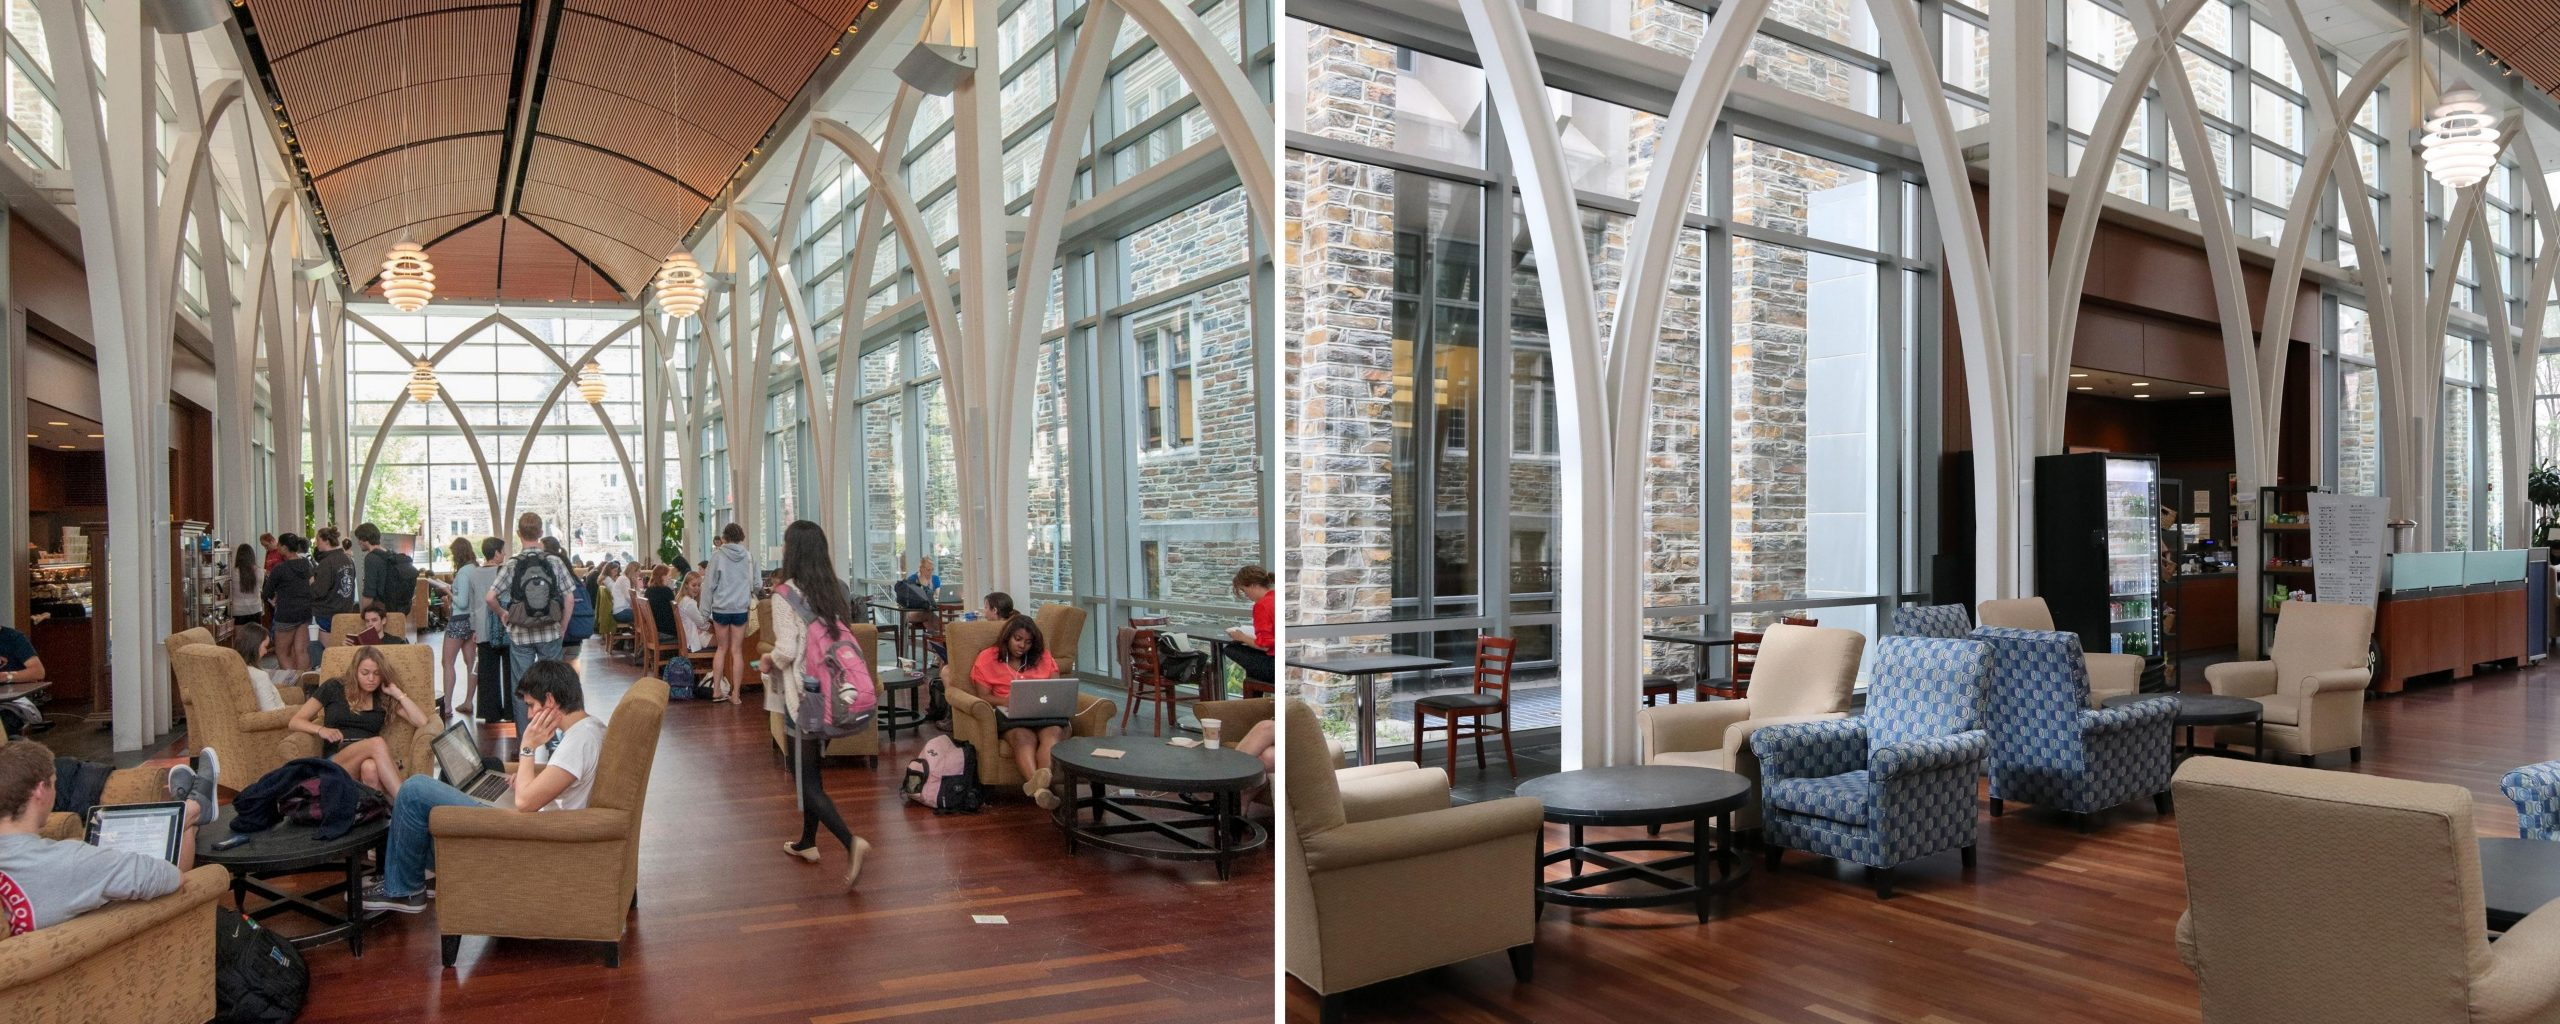 Von der Heyden Pavilion Before and After